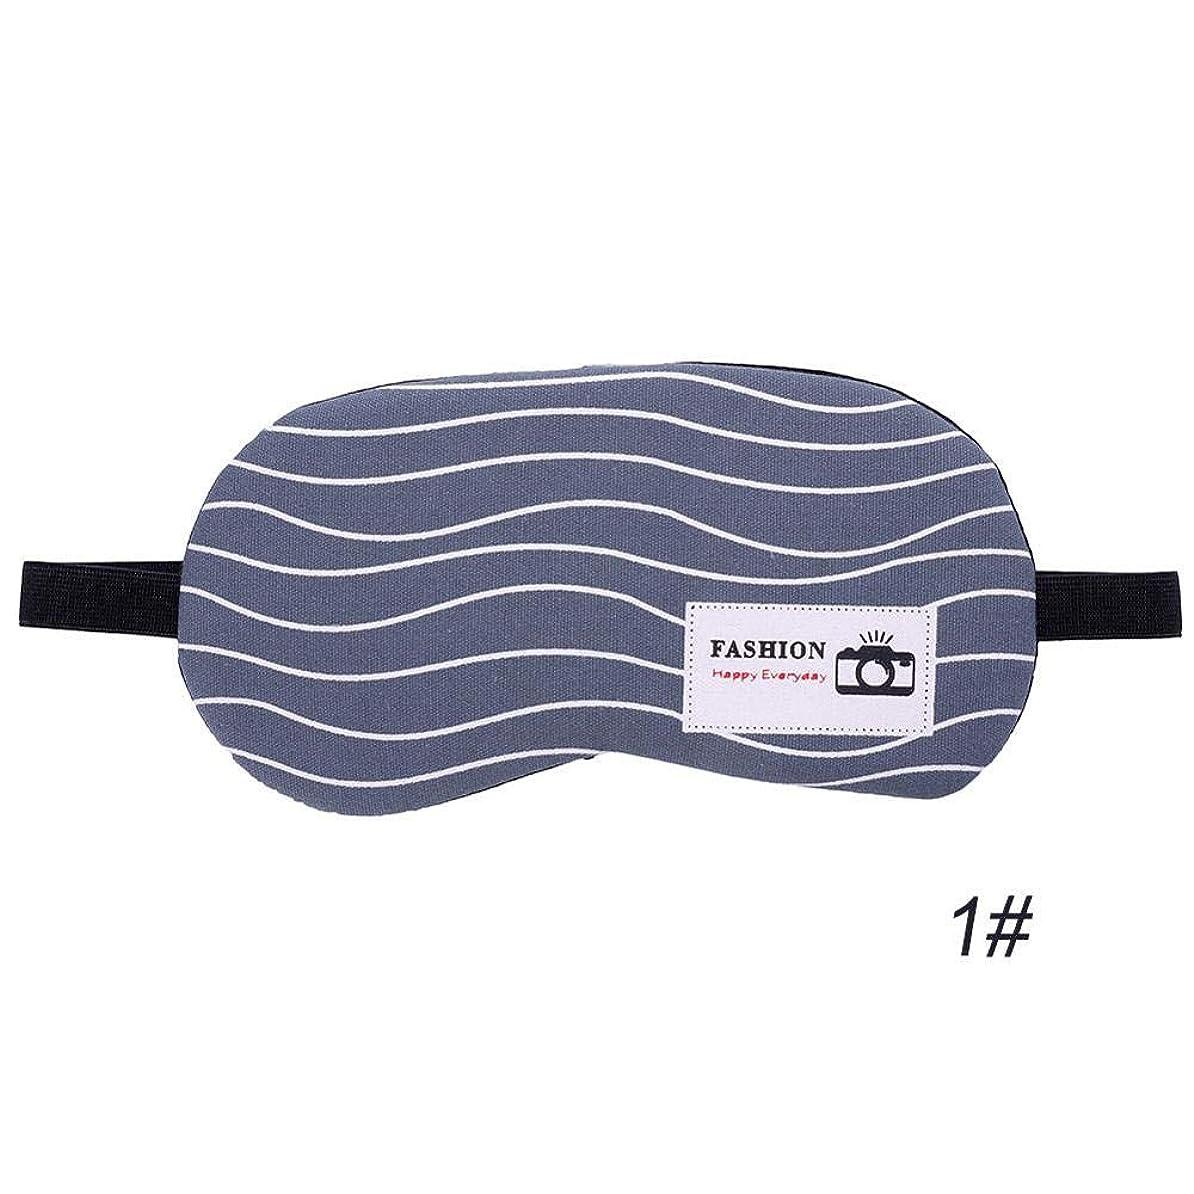 下品市の中心部分泌するNOTE 1ピースファッションパターン睡眠休息アイマスクパッド入り通常アイシェードカバー旅行リラックス援助目隠しアイケア美容ツール#280206